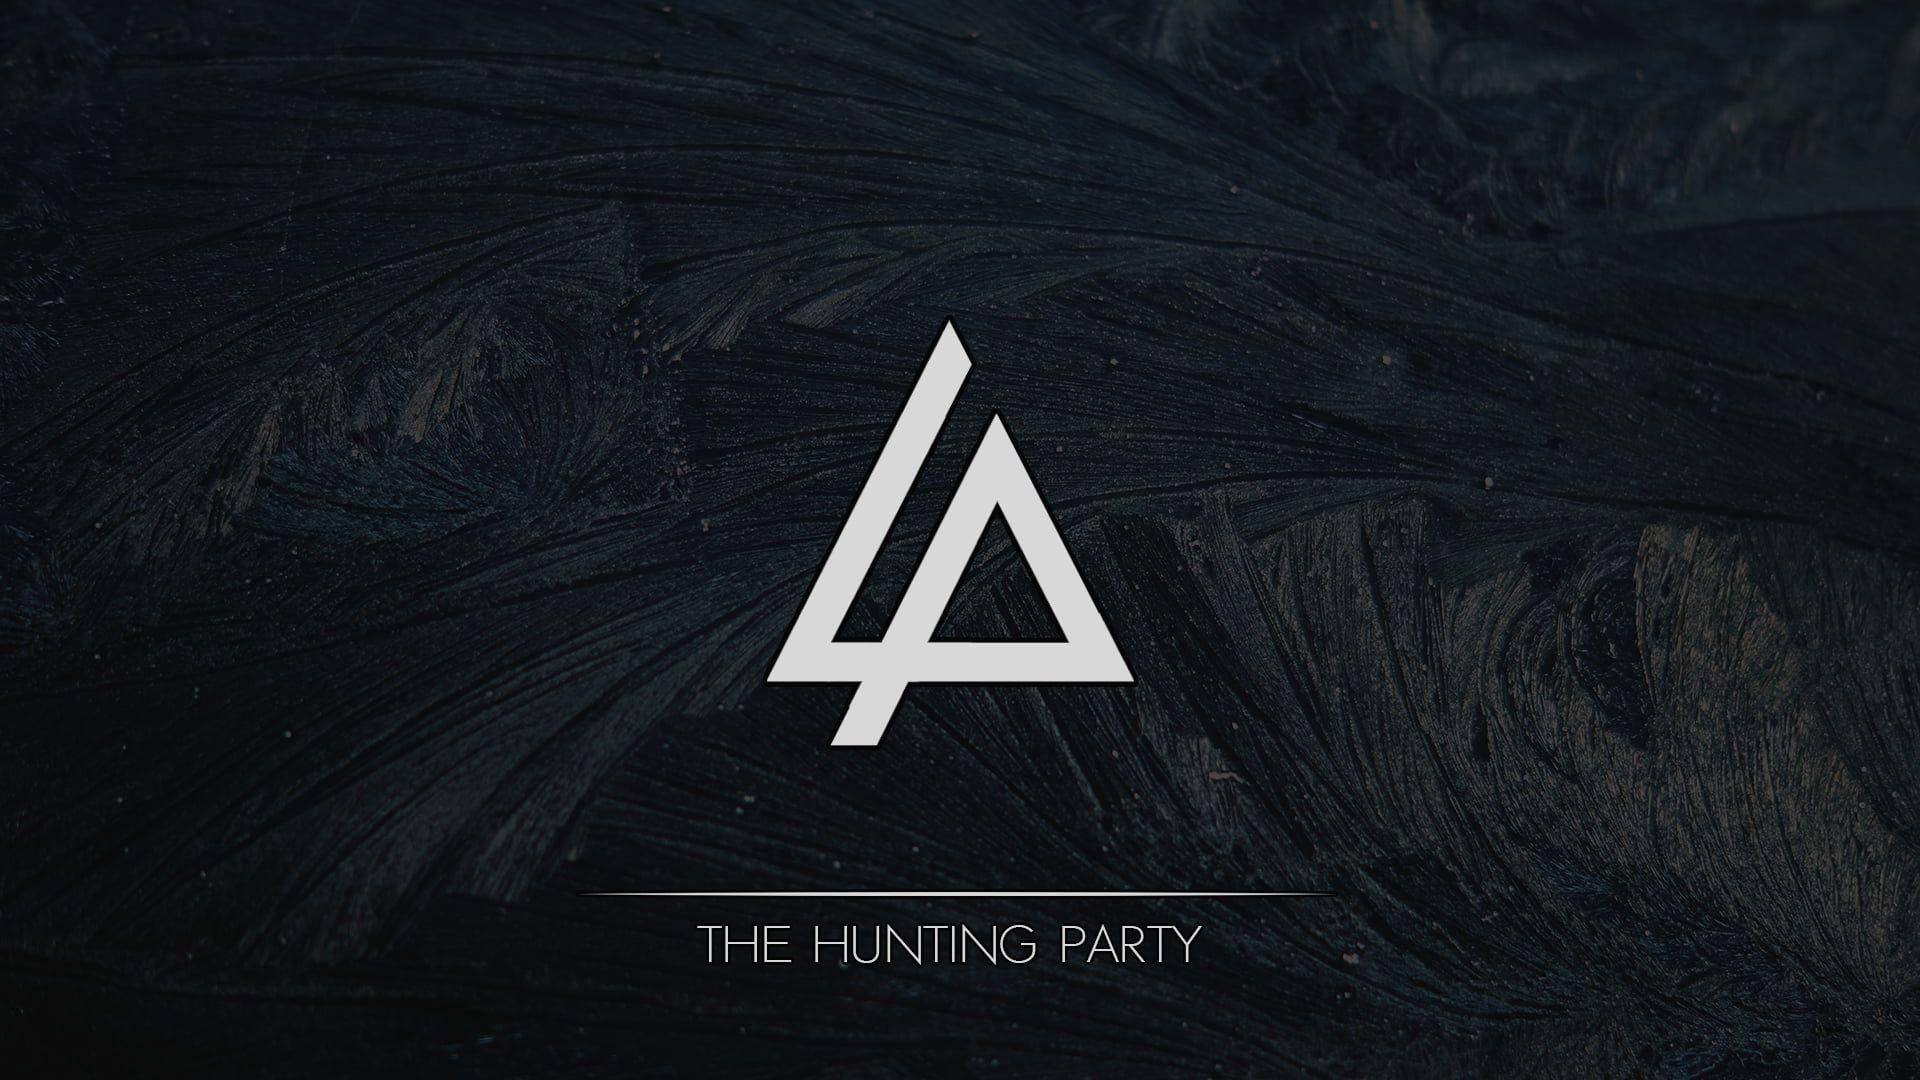 The Hunting Party Illustration Music Linkin Park 1080p Wallpaper Hdwallpaper Desktop Linkin Park Wallpaper Linkin Park Logo Linkin Park